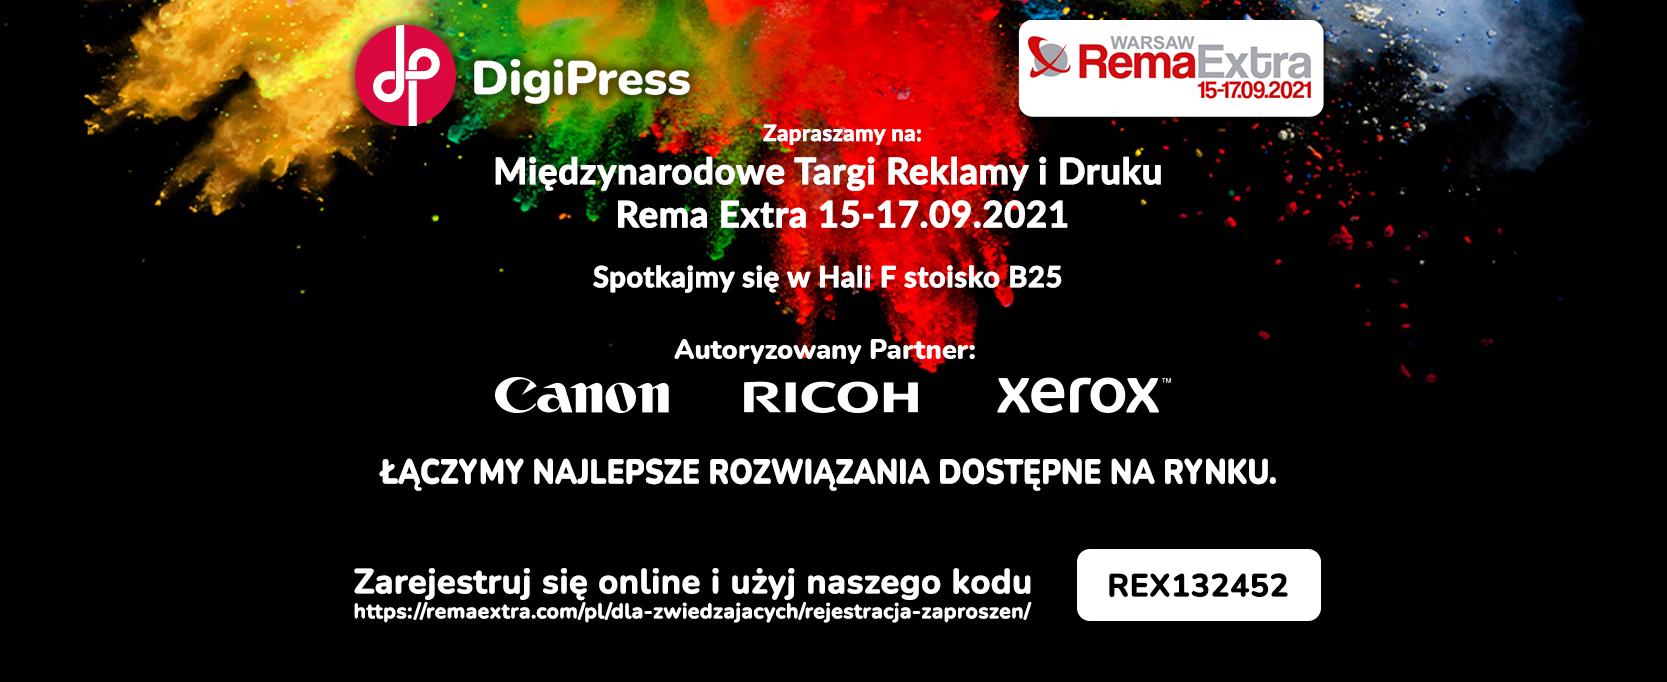 targi rema 2021 - digipress